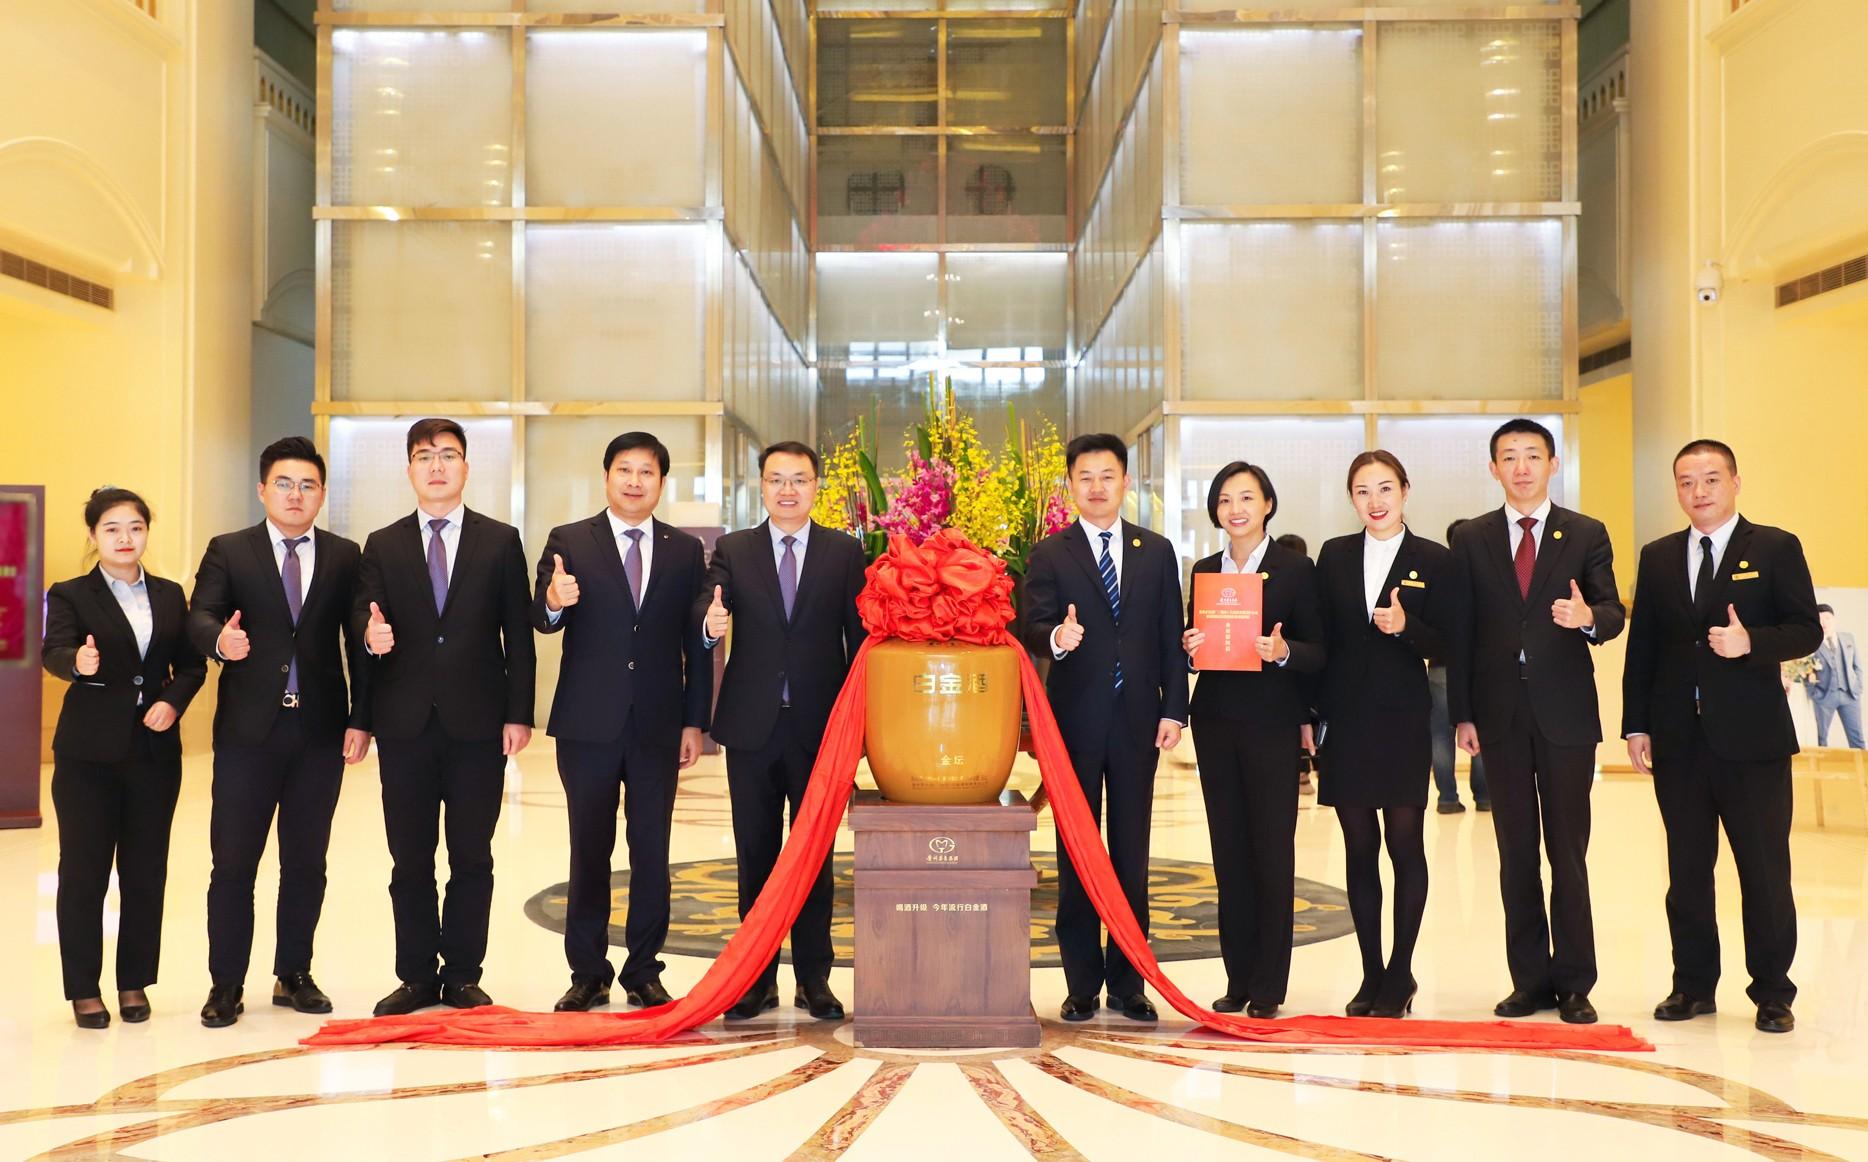 暢享品質生活 共創美好未來丨白金酒公司參訪裕達國貿國際酒店